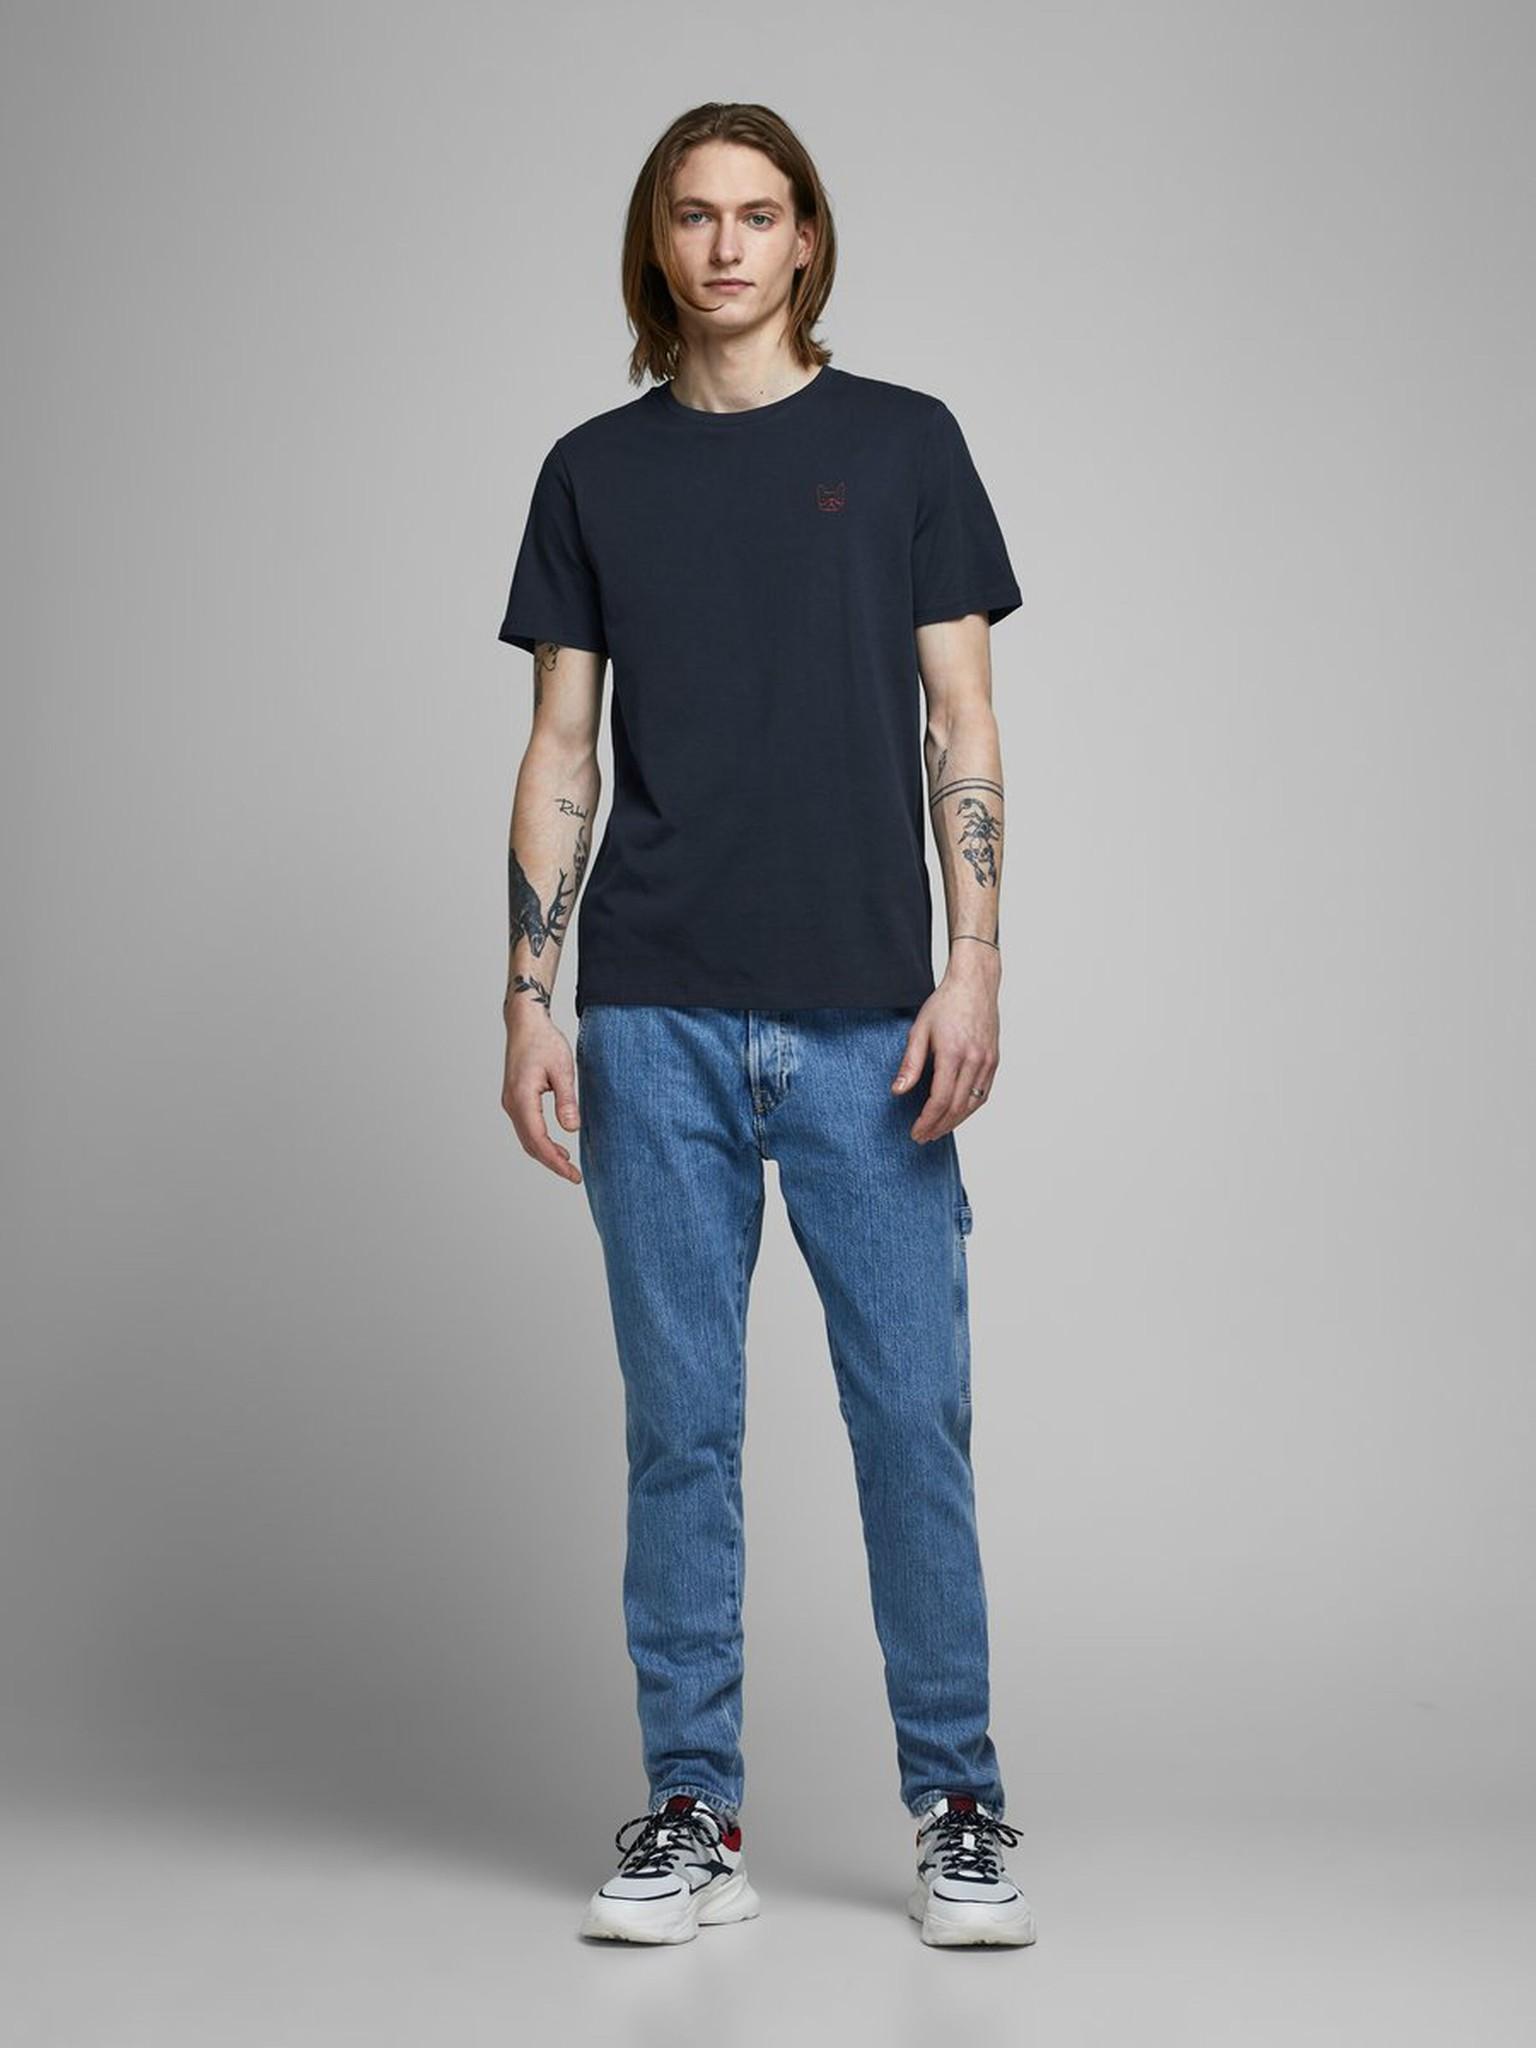 JACK & JONES coton biologique t shirt-7